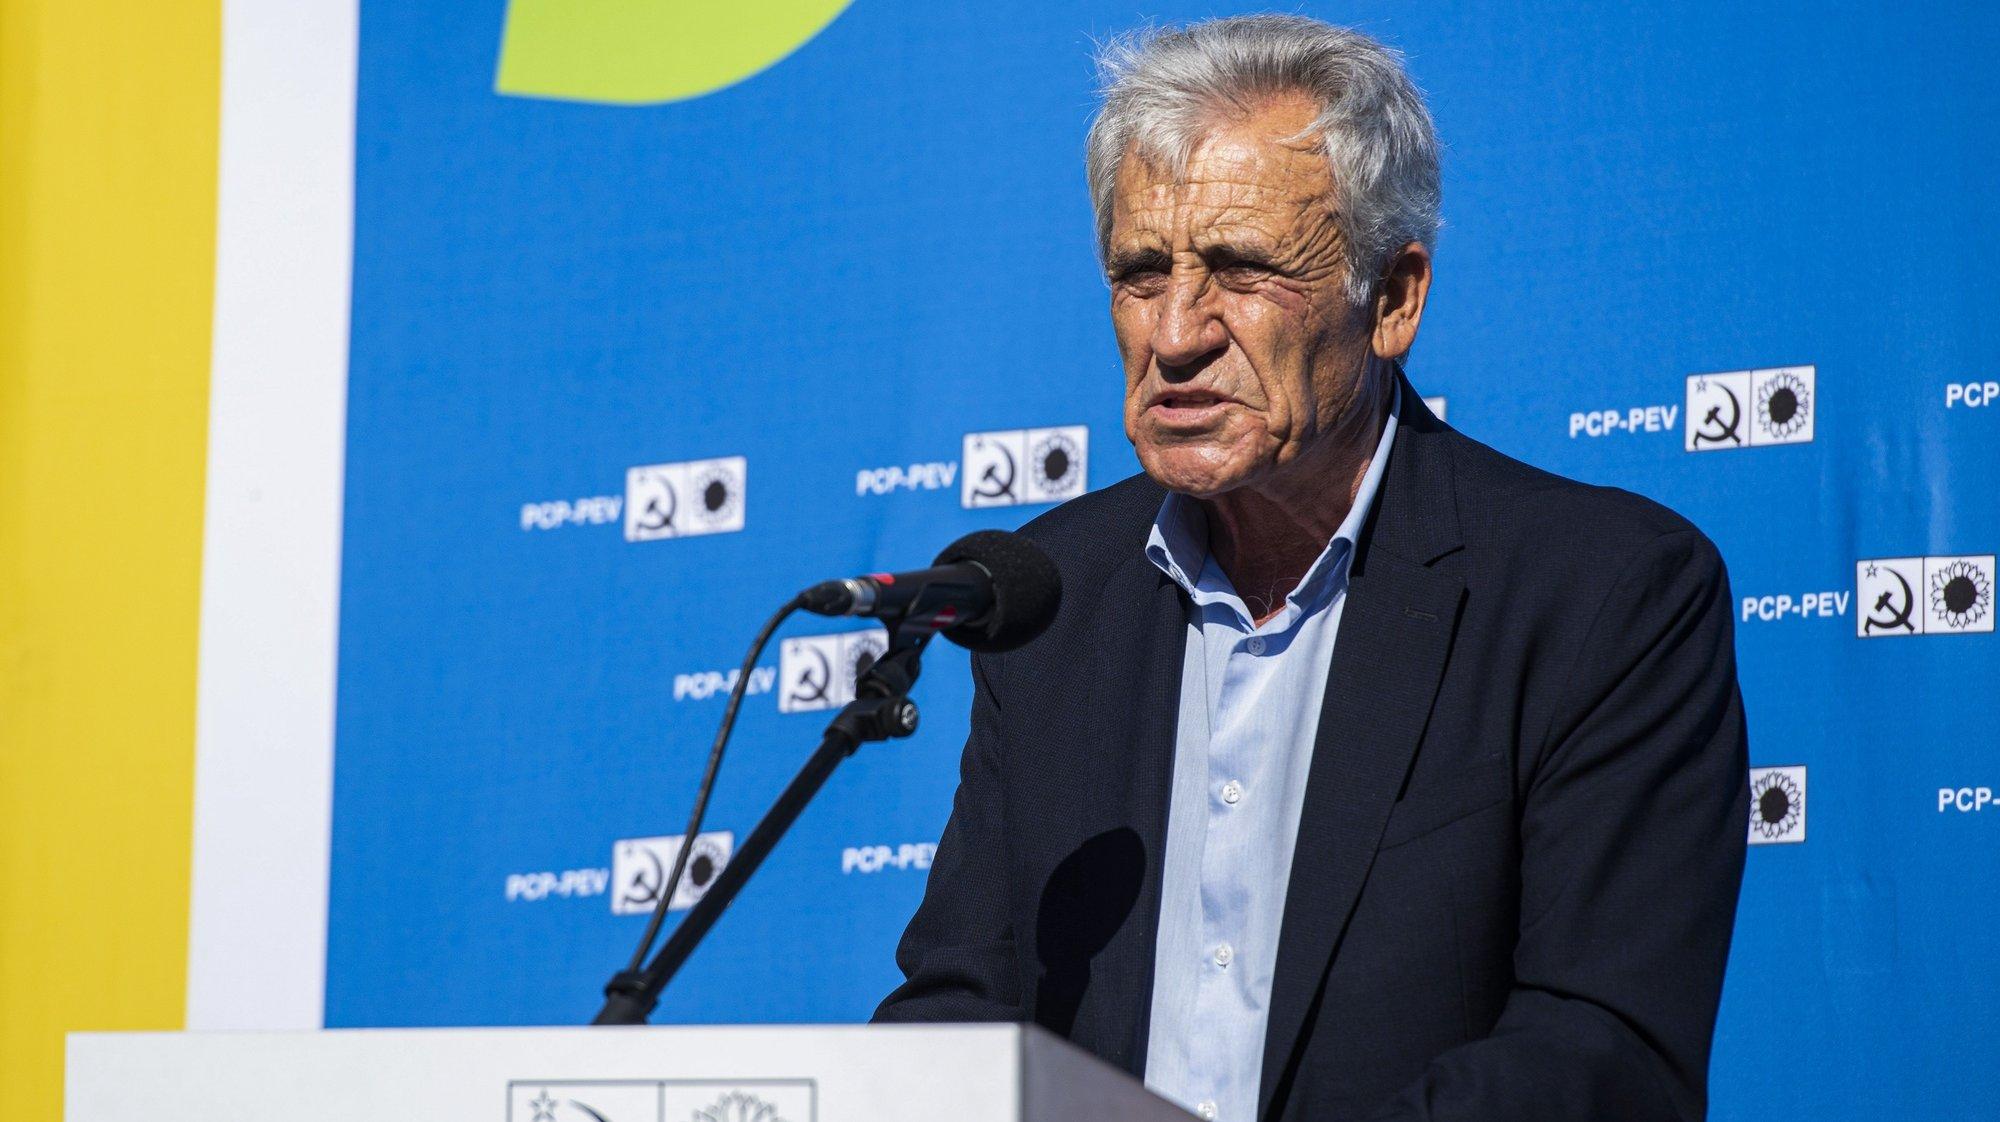 O secretário-geral do Partido Comunista Português (PCP), Jerónimo de Sousa, durante uma ação de campanha no Jardim das Descobertas, em Sines, 20 de setembro de 2021. No próximo dia 26 de setembro mais de 9,3 milhões eleitores podem votar nas eleições Autárquicas, para eleger os seus representantes locais. TIAGO CANHOTO/LUSA